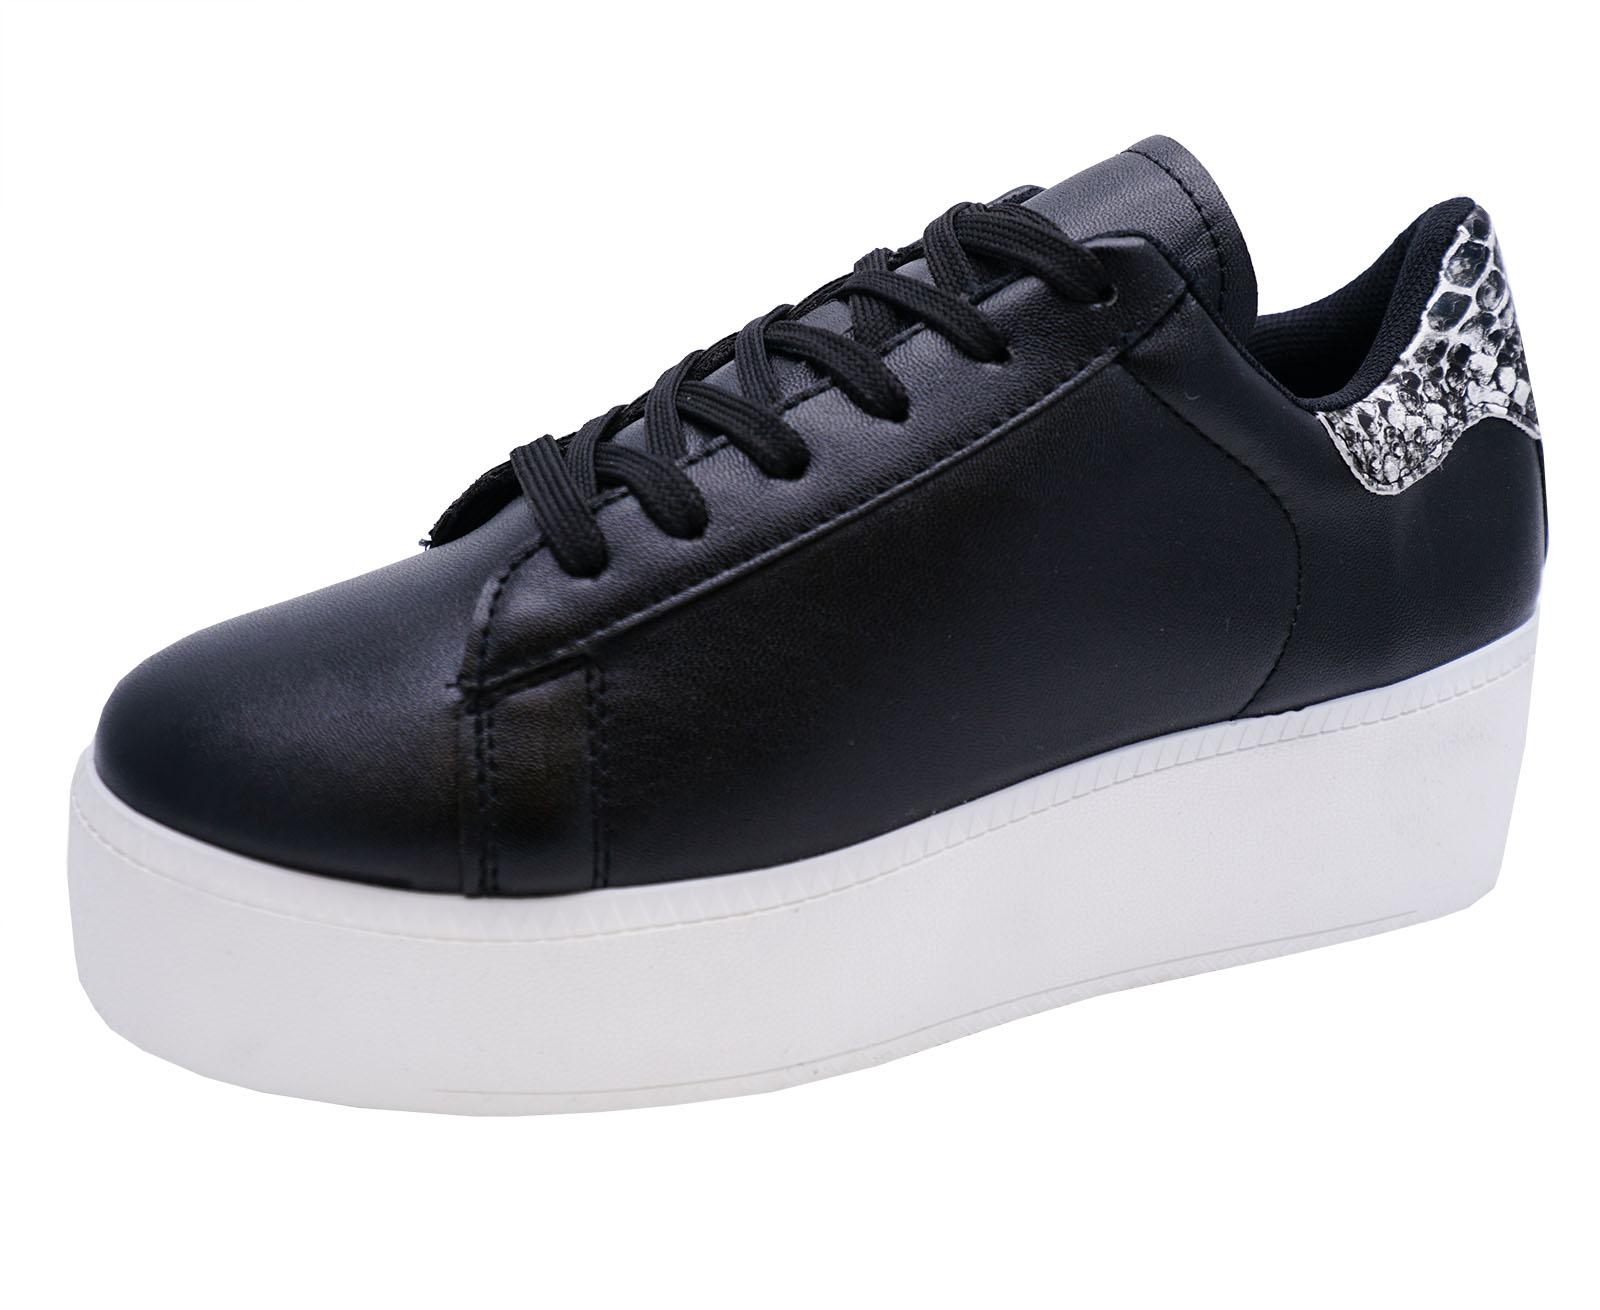 Mujer Negro Con Cordones Plataforma Plana Zapatillas Skater Zapatos 3-8